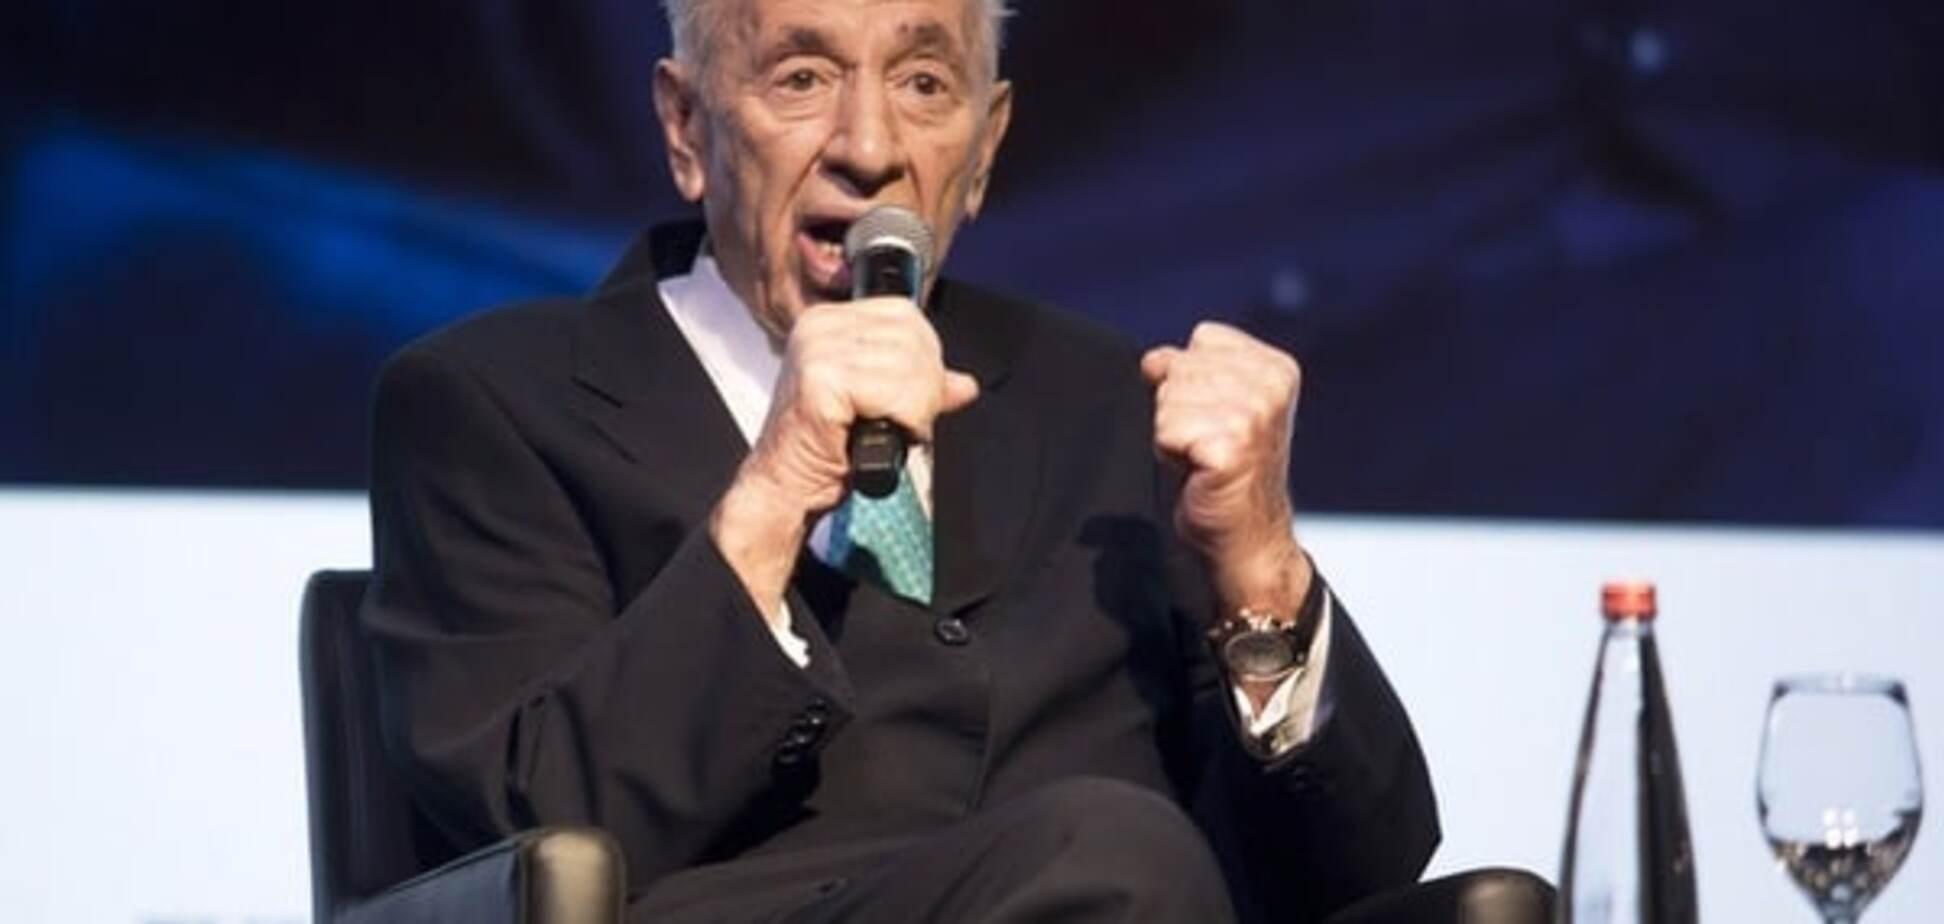 Экс-президент Израиля Шимон Перес угодил в больницу